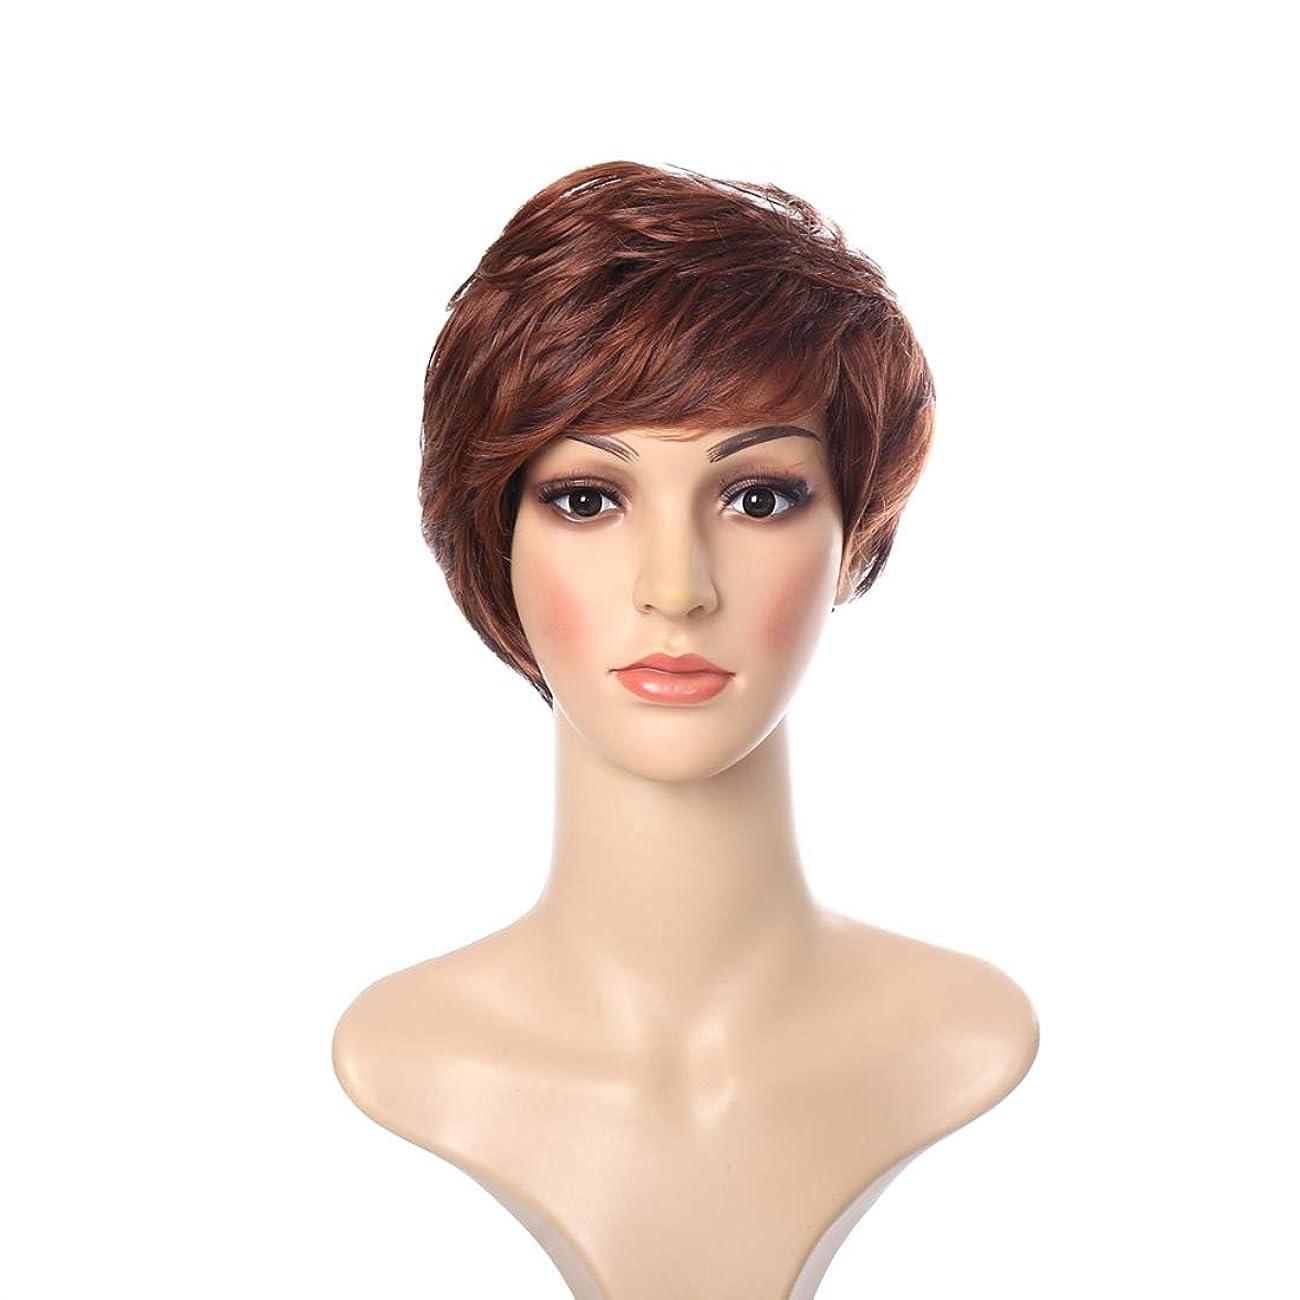 ストレスの多いスロベニア完全に女性の短い毛カールウィッグふわふわの偽の帽子は、勾配ヨーロッパとアメリカのヘアスタイル (Color : ブラウン)